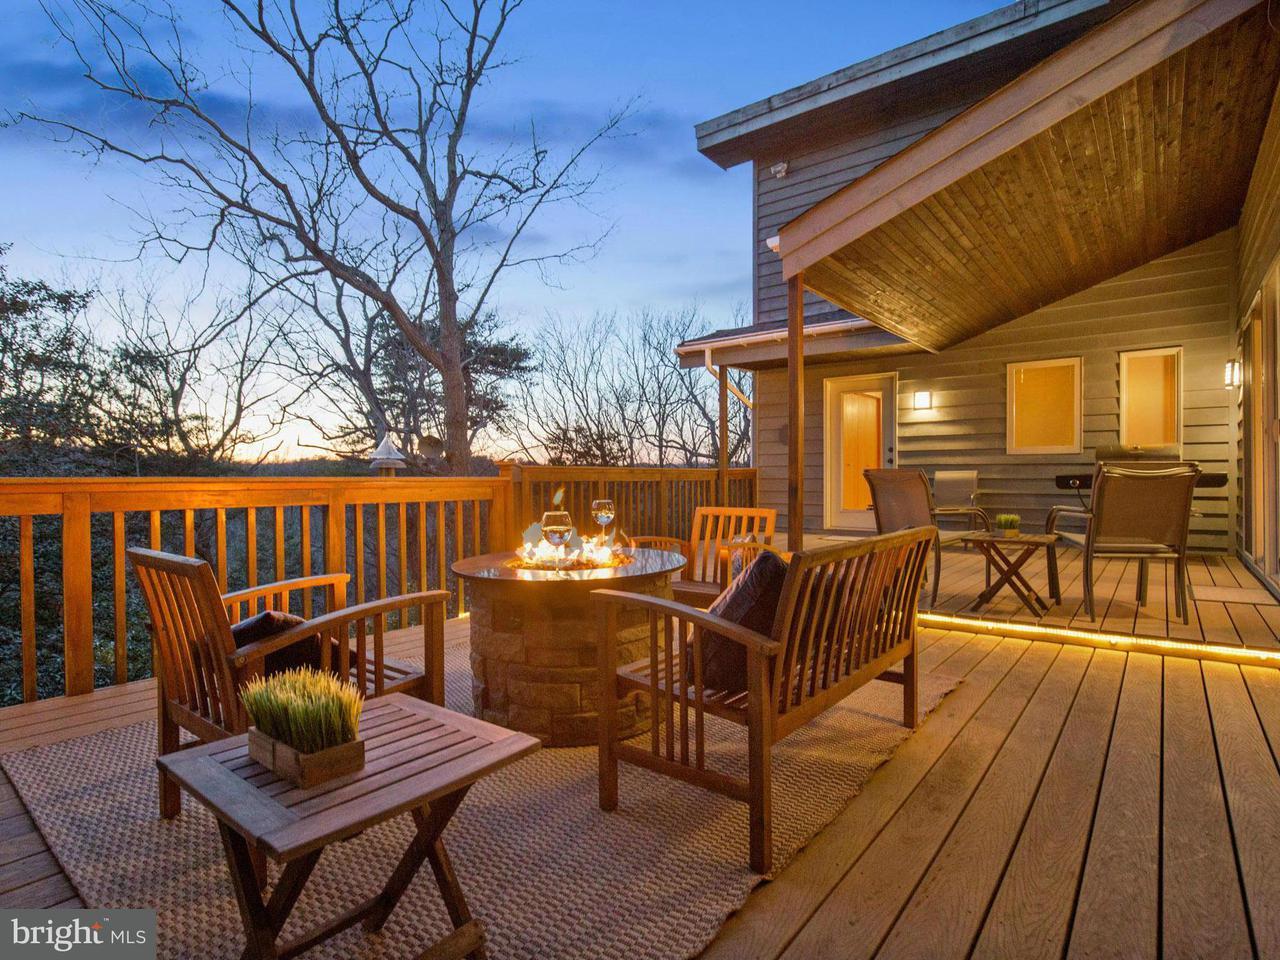 独户住宅 为 销售 在 2390 PARK CHESAPEAKE Drive 2390 PARK CHESAPEAKE Drive Lusby, 马里兰州 20657 美国